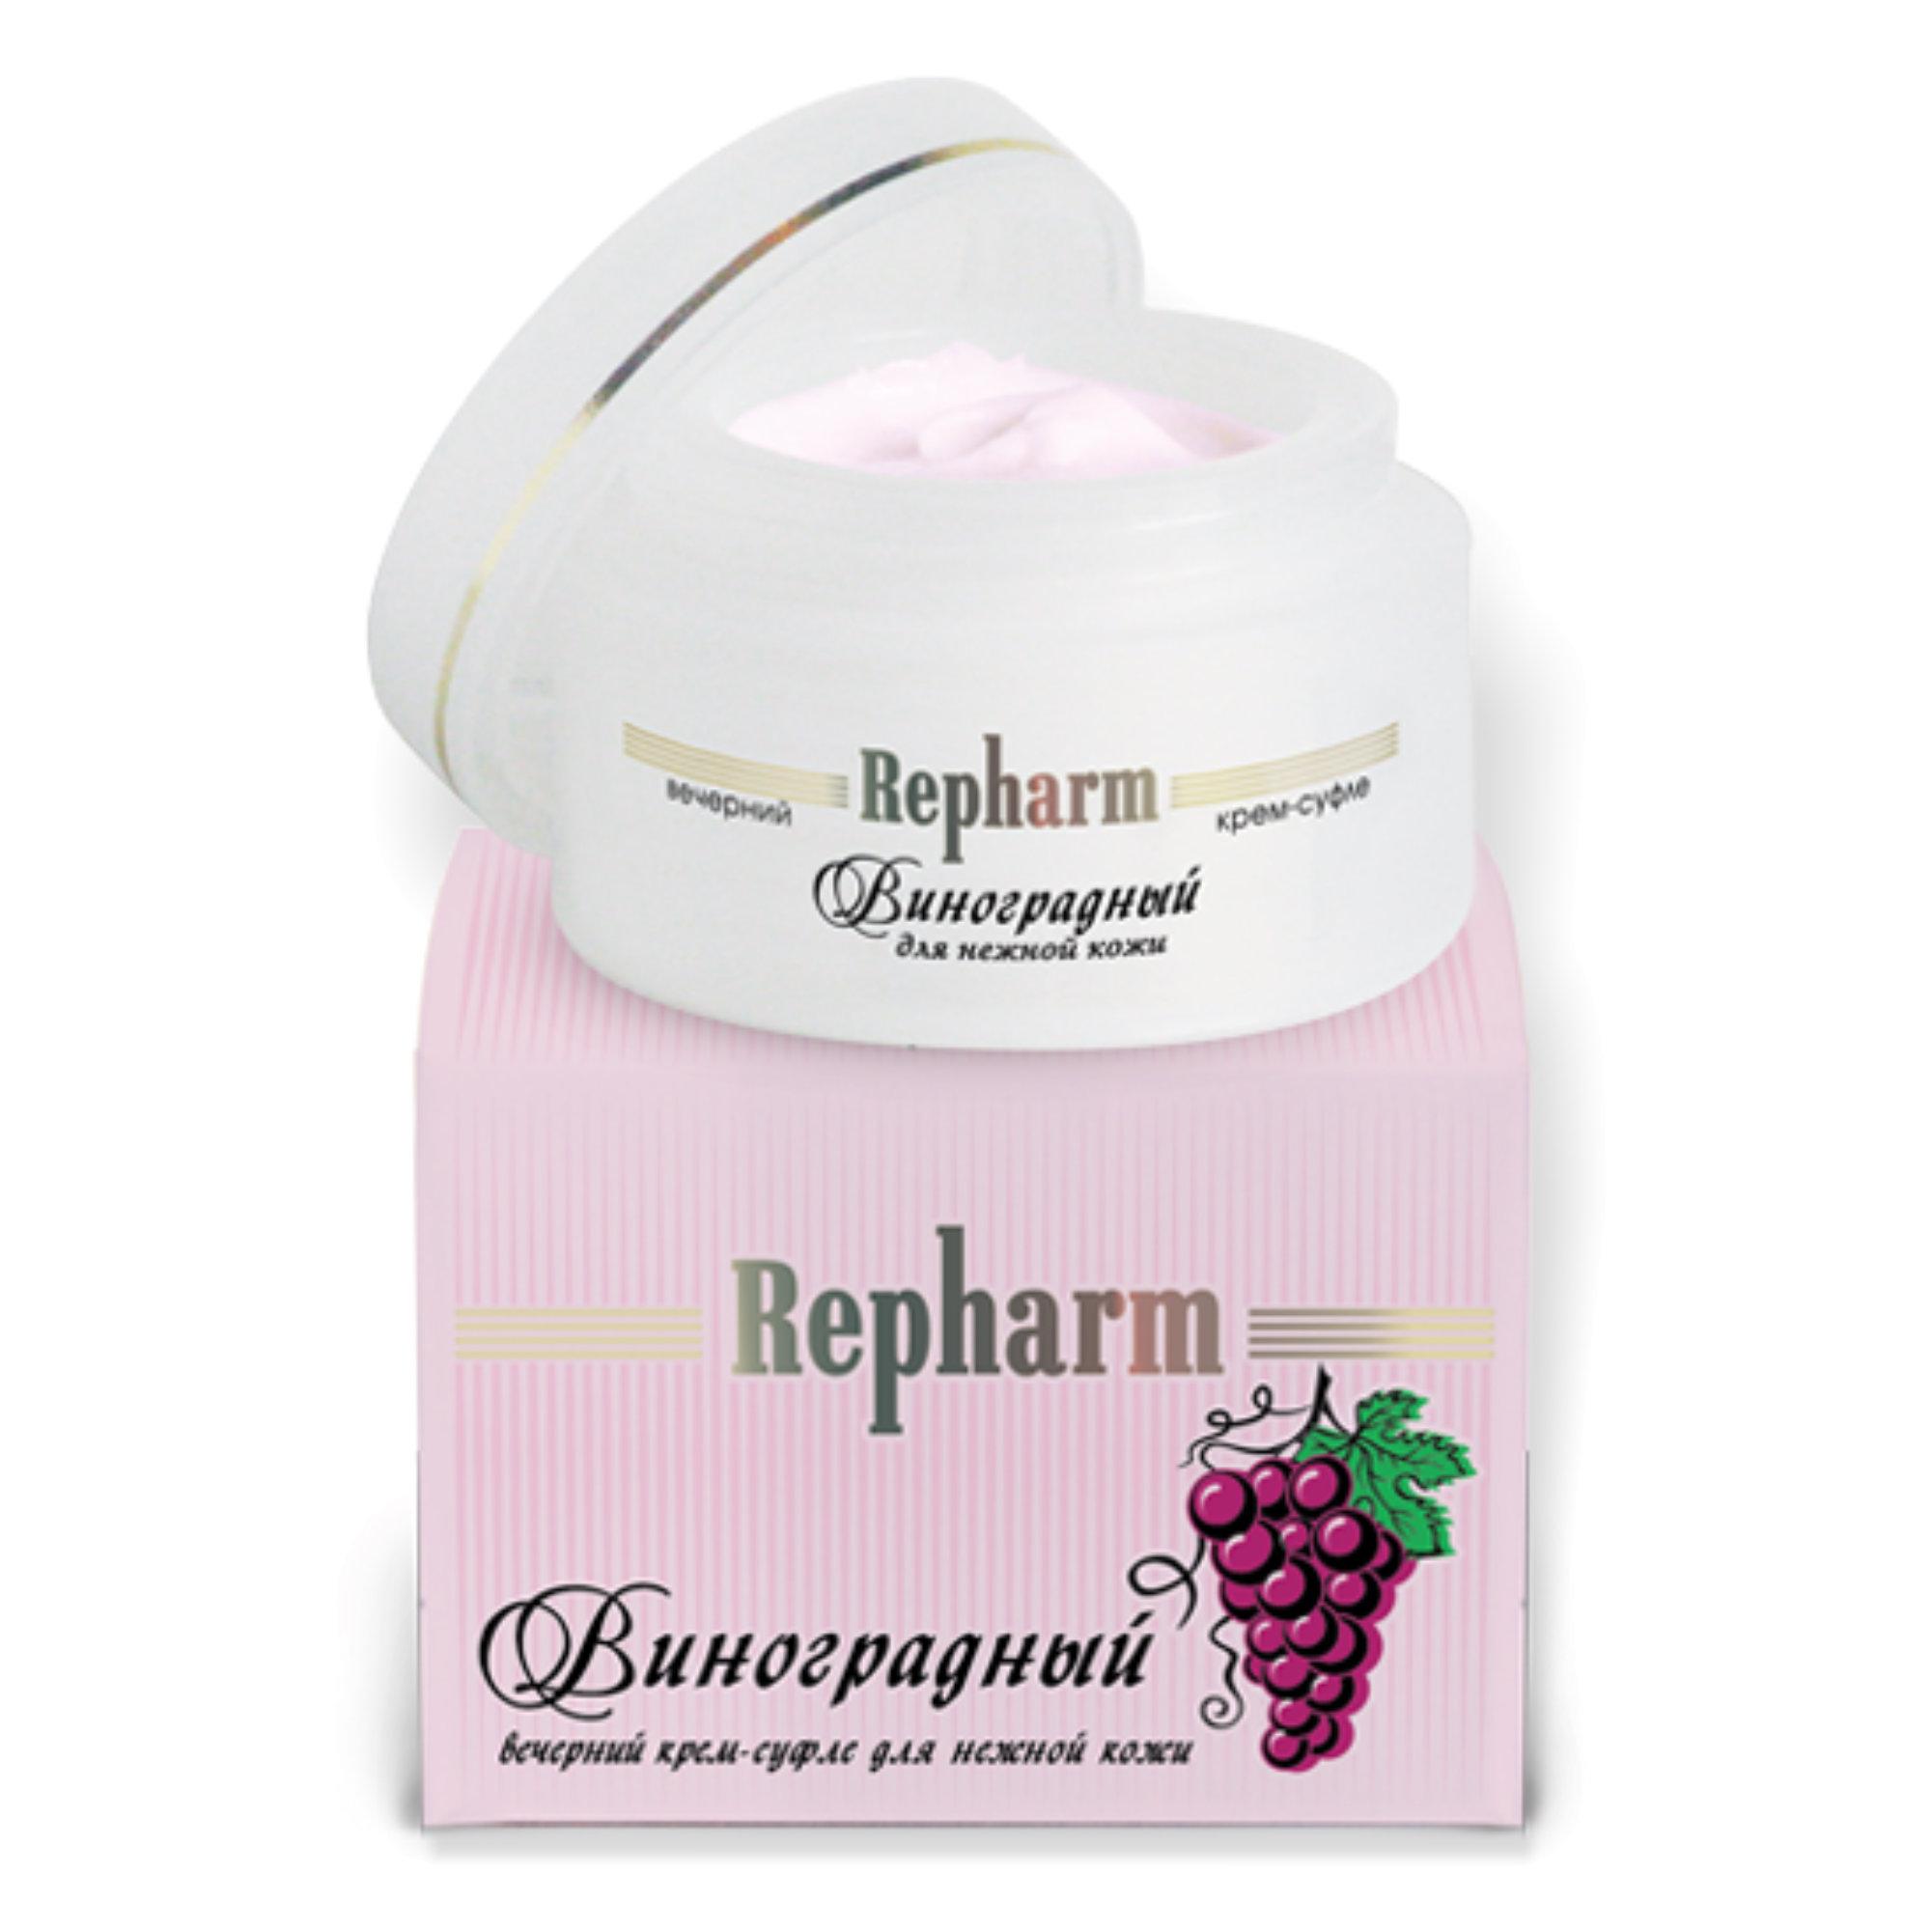 РЕФАРМ Вечерний крем-суфле для нежной кожи  ВИНОГРАДНЫЙ  / Repharm 50мл